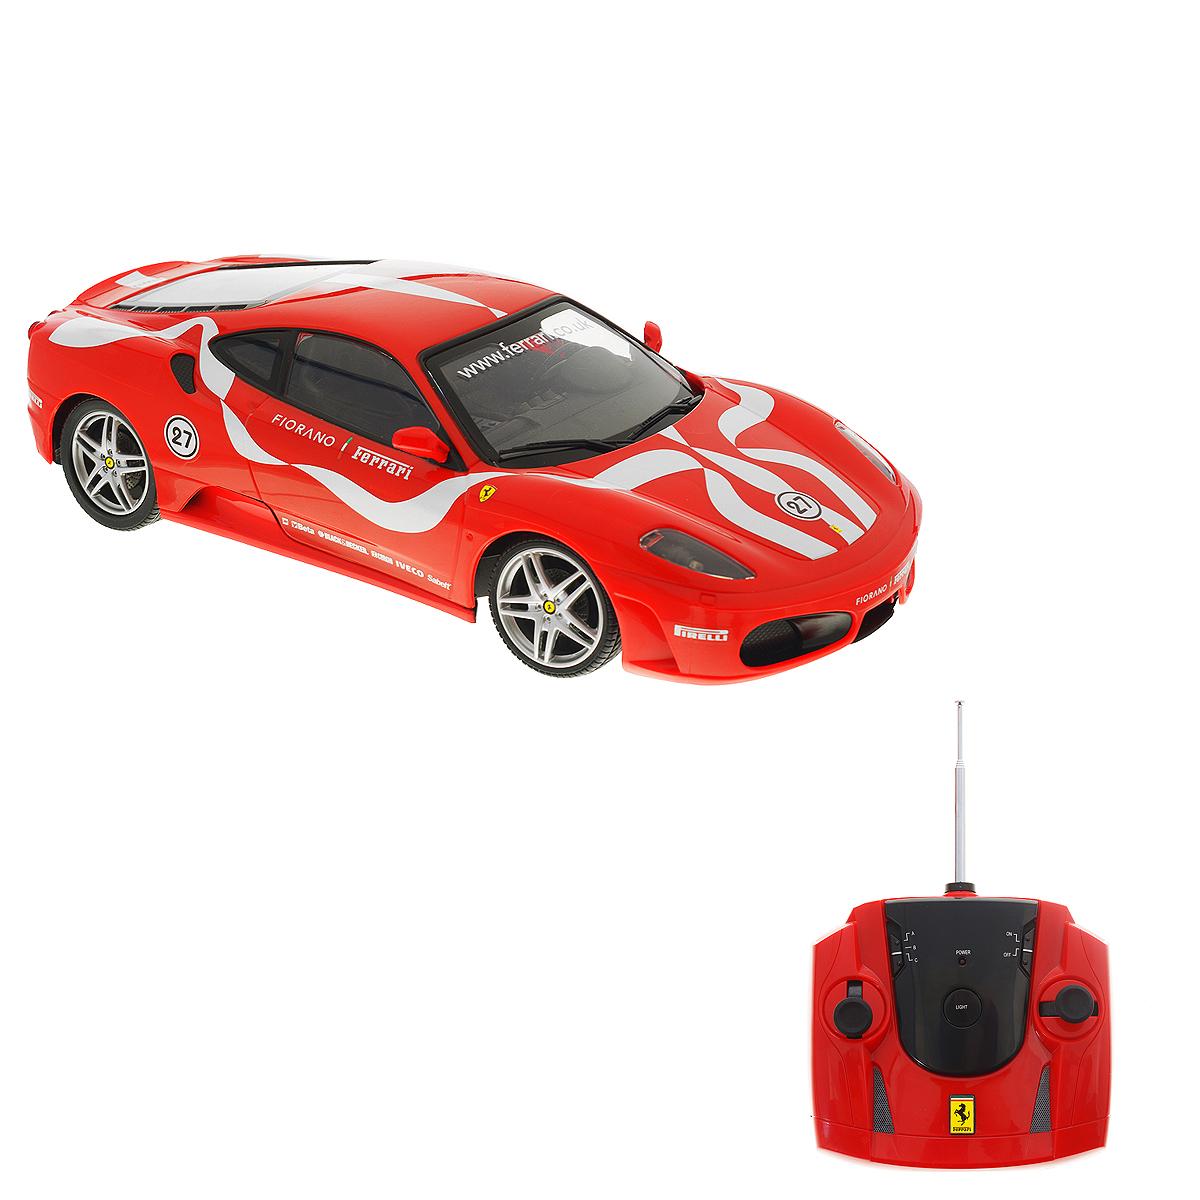 Радиоуправляемая модель Silverlit Ferrari Fiorano, цвет: красный. Масштаб 1/1686062CРадиоуправляемая модель Silverlit Ferrari Fiorano обязательно привлечет внимание взрослого и ребенка и понравится любому, кто увлекается автомобилями. Маневренная и реалистичная уменьшенная копия Ferrari Fiorano выполнена в точной детализации с настоящим автомобилем. Управление машинкой происходит с помощью пульта. Машинка двигается вперед и назад, поворачивает направо и налево (в том числе задним ходом). Игрушка оснащена световыми эффектами: у нее светятся фары, горят поворотные огни и стоп-сигналы. При движении машинки фары можно отключить с помощью пульта. Стоит лишь ребенку нажать кнопку на пульте, как у автомобиля загорятся фары, а его мотор будет издавать характерные звуки. Машинка может разгоняться до 20 км в час, но даже на этой скорости прекрасно входит во все повороты. У игрушки колеса прорезинены, поэтому она обеспечивает плавный ход игрушки и не портит напольное покрытие. В комплект входит инструкция по эксплуатации на русском языке. Продукция...